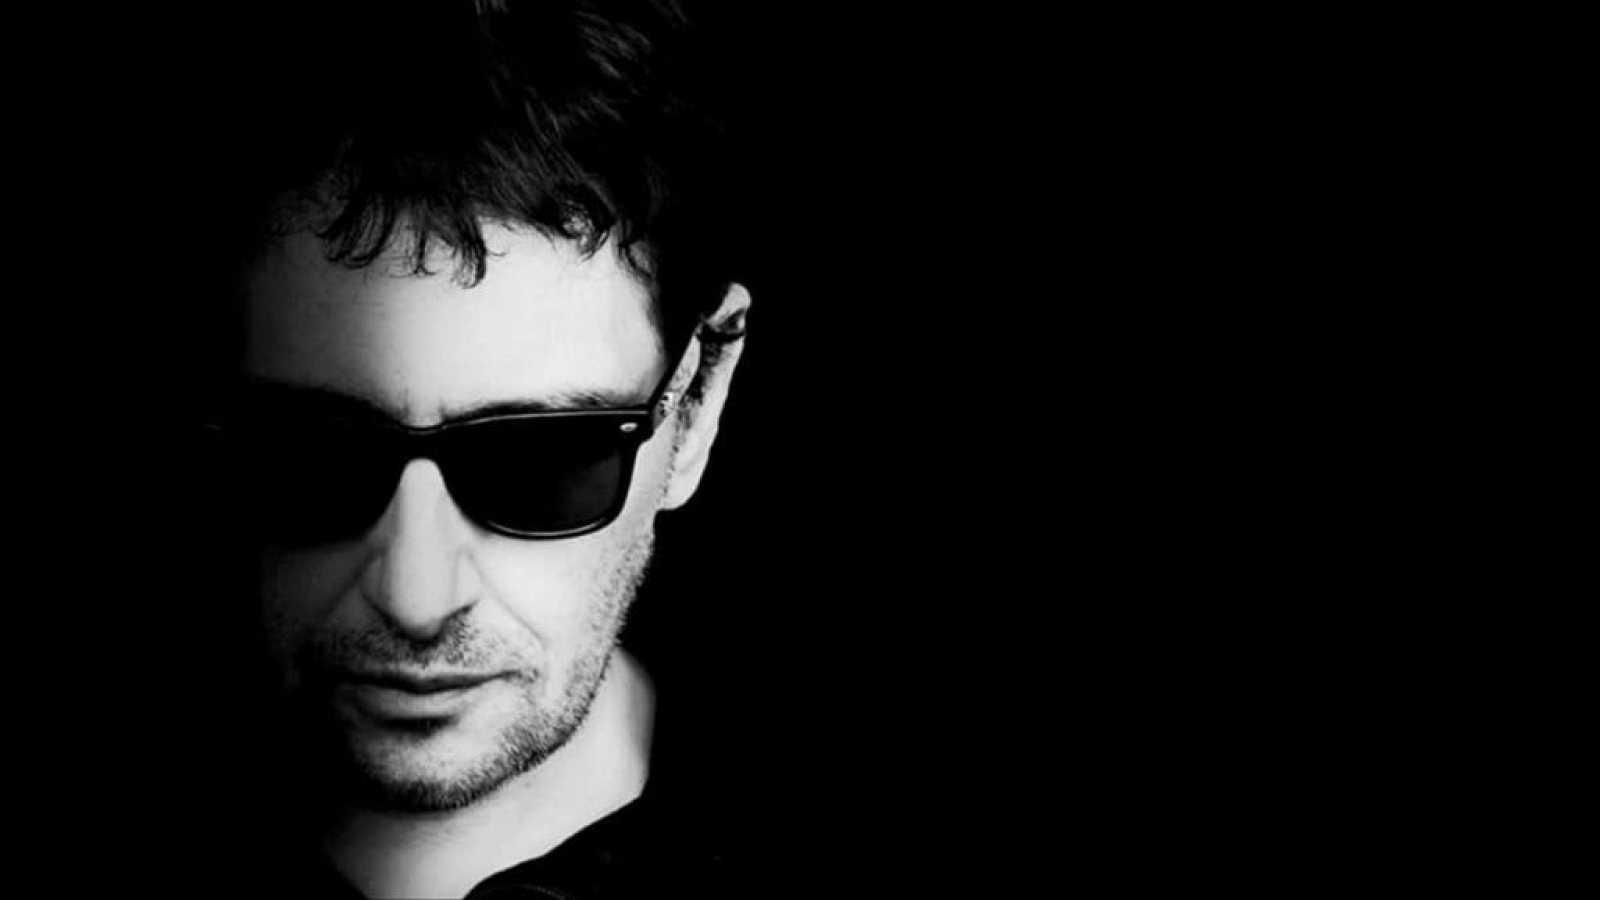 La Púa de Radio 3 Extra - 'Ante Todo Mucha Calma', con Miguel Costas - 06/02/021 - escuchar ahora